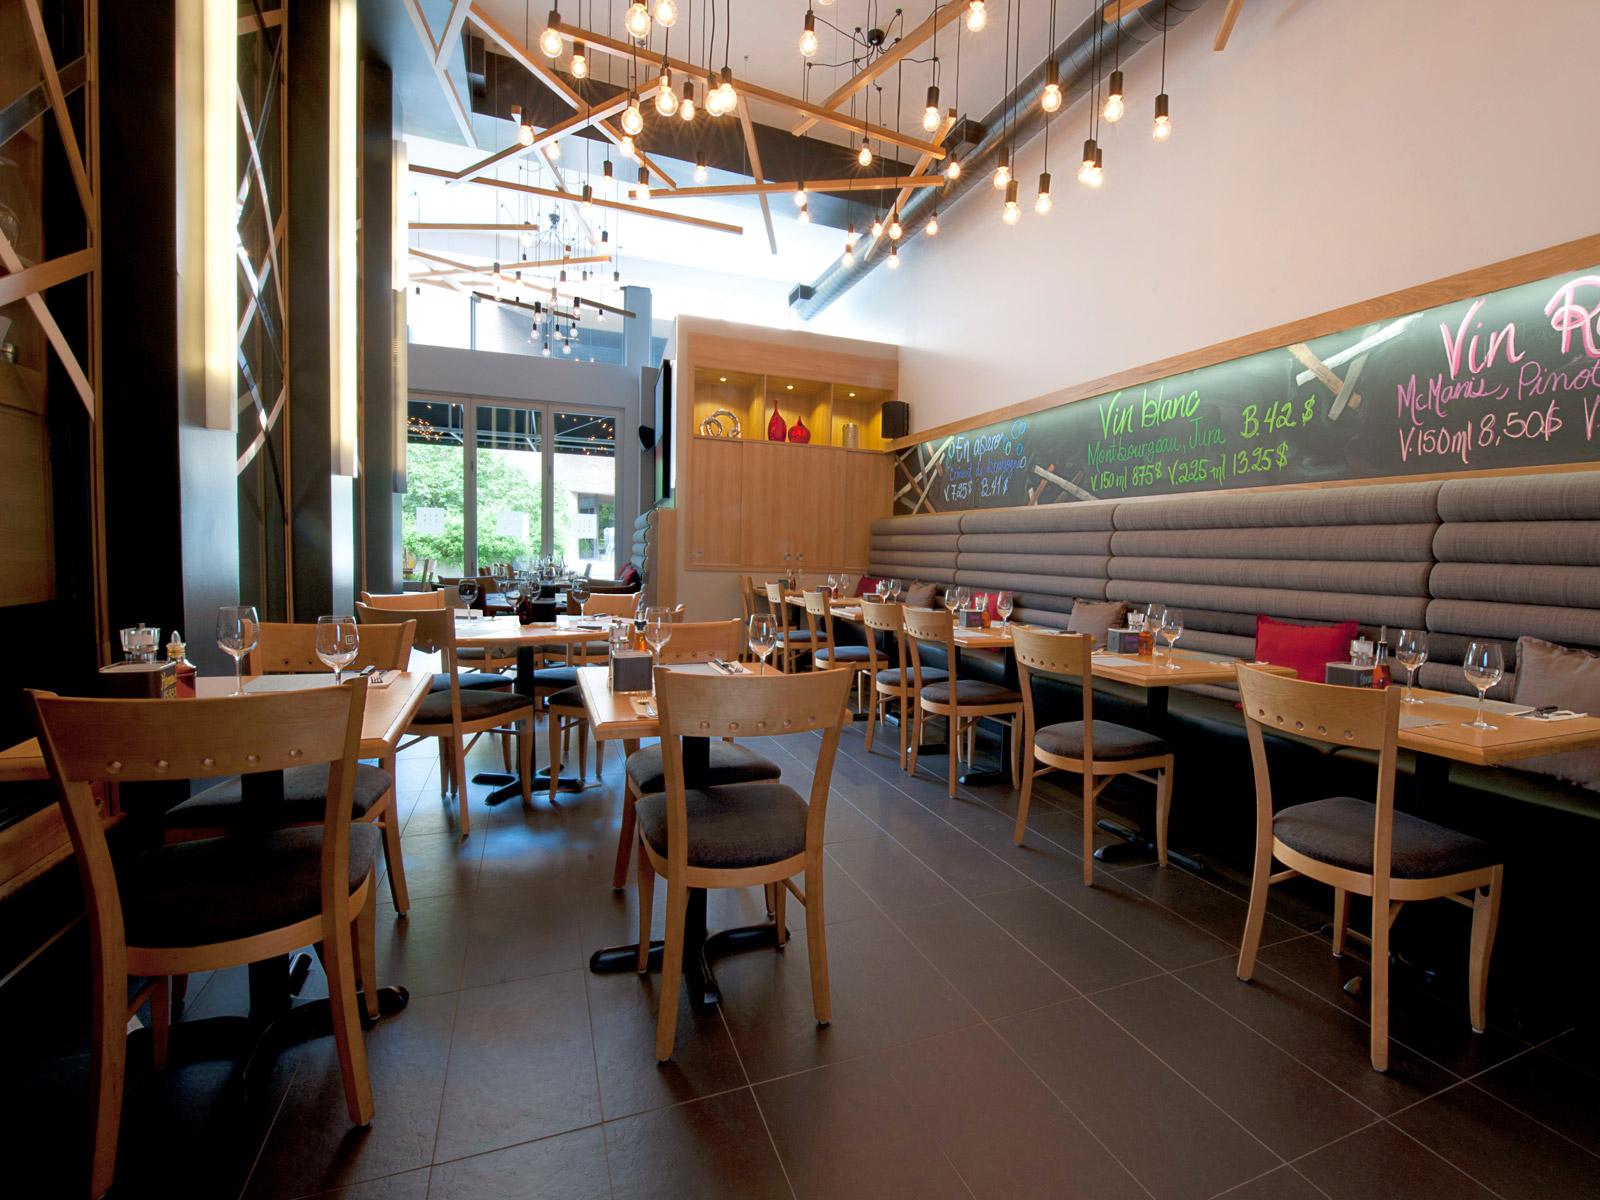 Design intérieur salle de restaurant